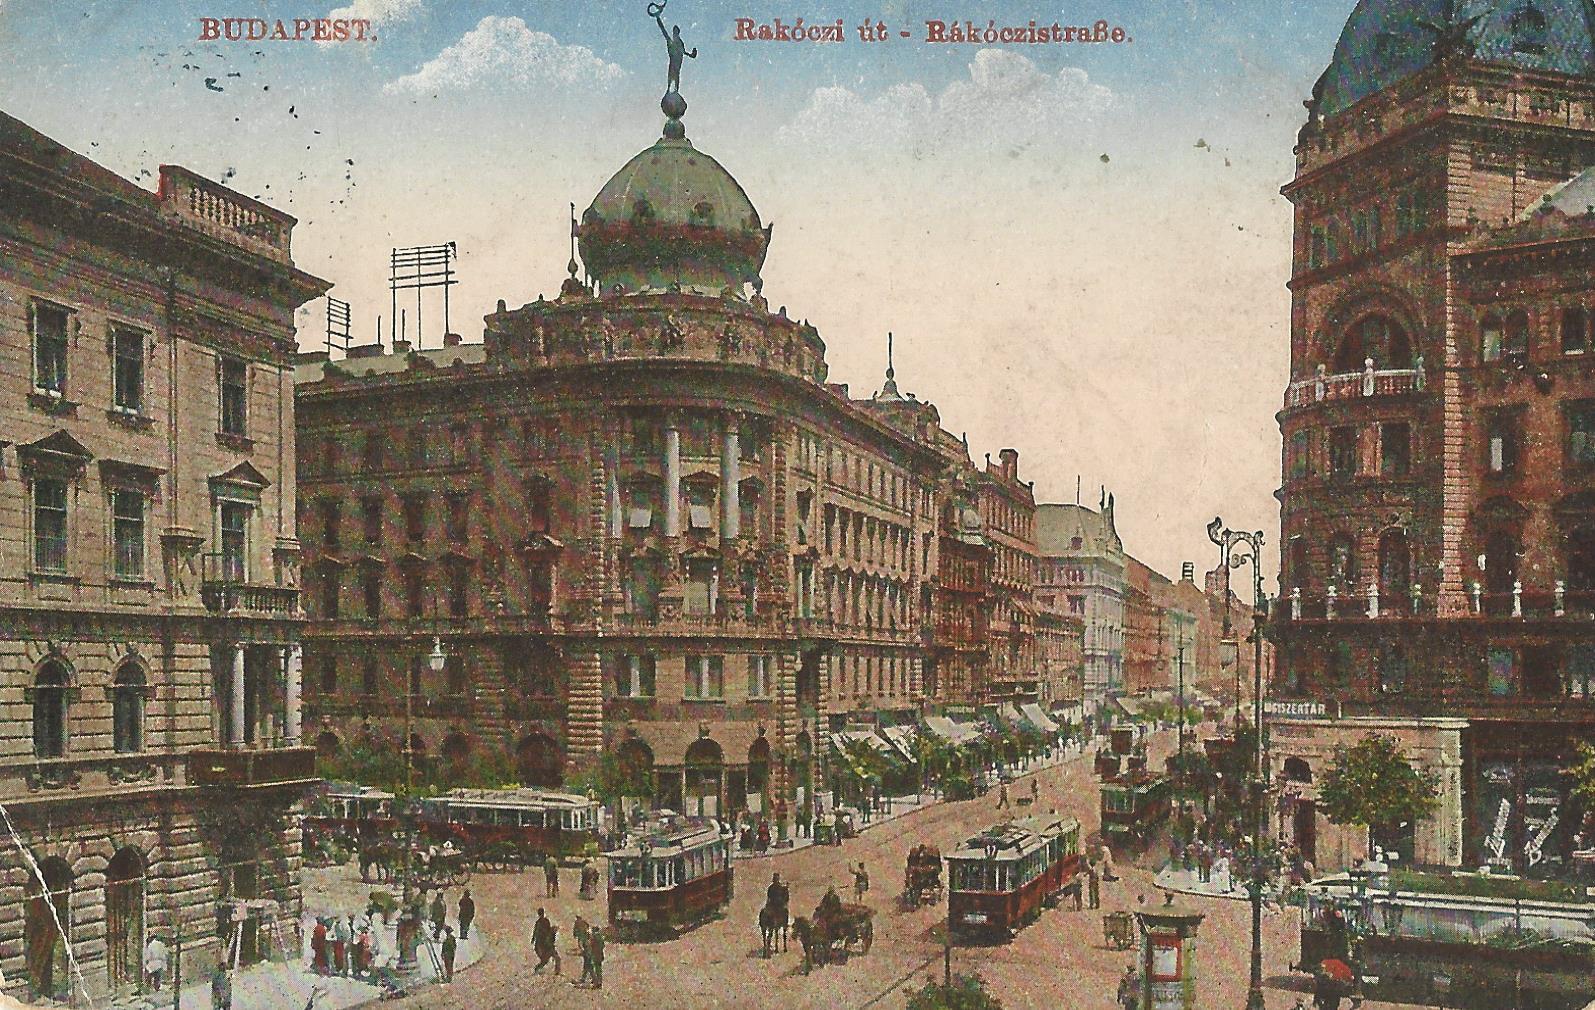 Budapest, Rákóczi út, 1918 (képeslap)